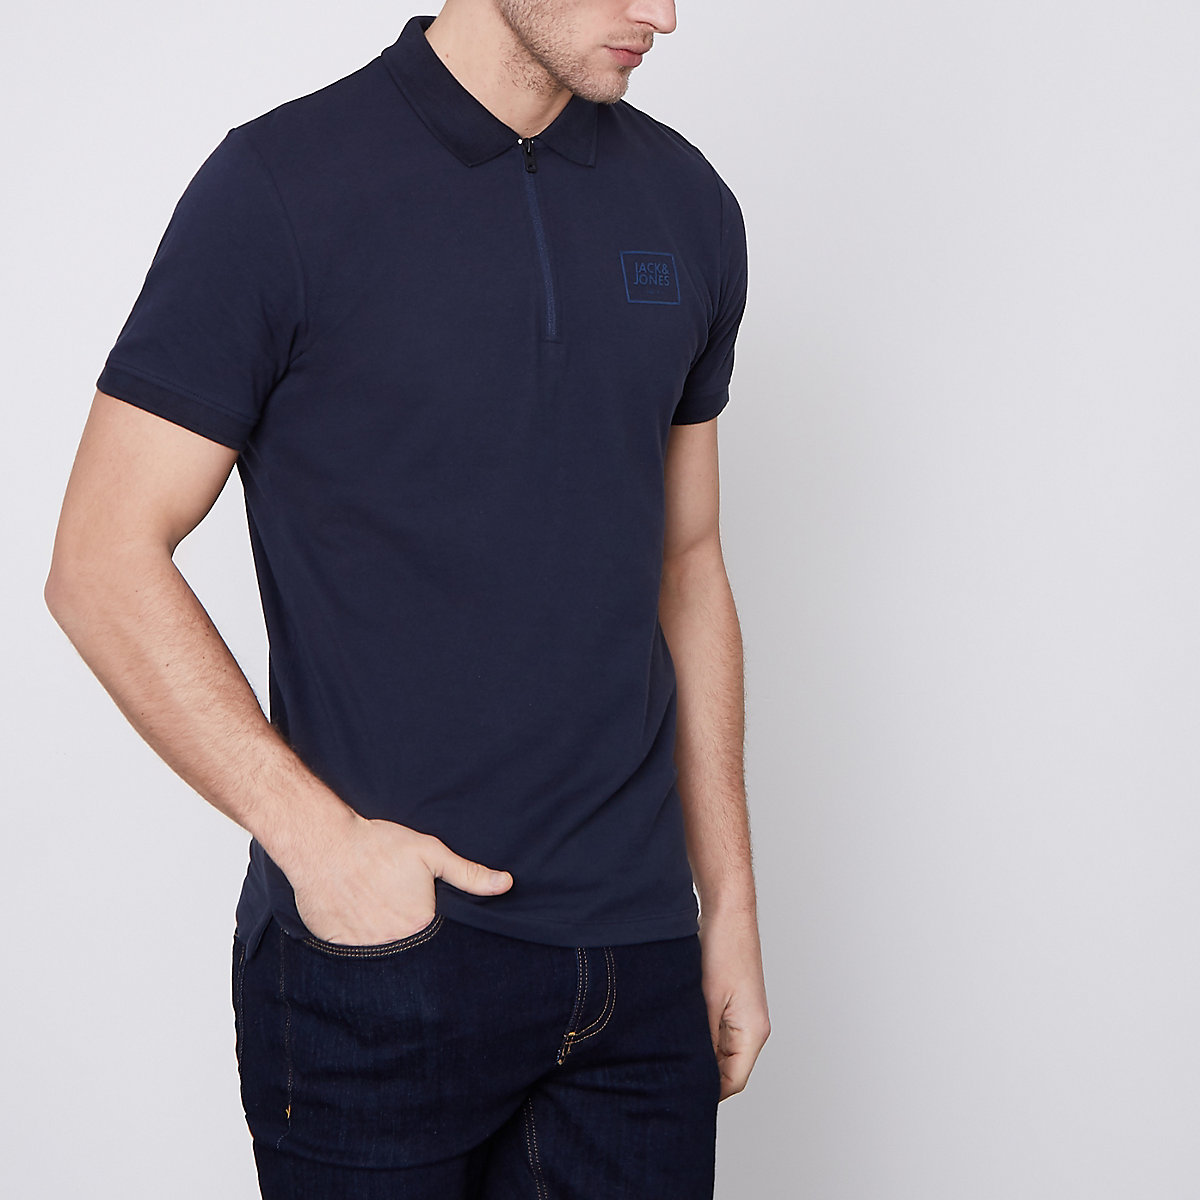 Jack & Jones Core navy zip polo shirt